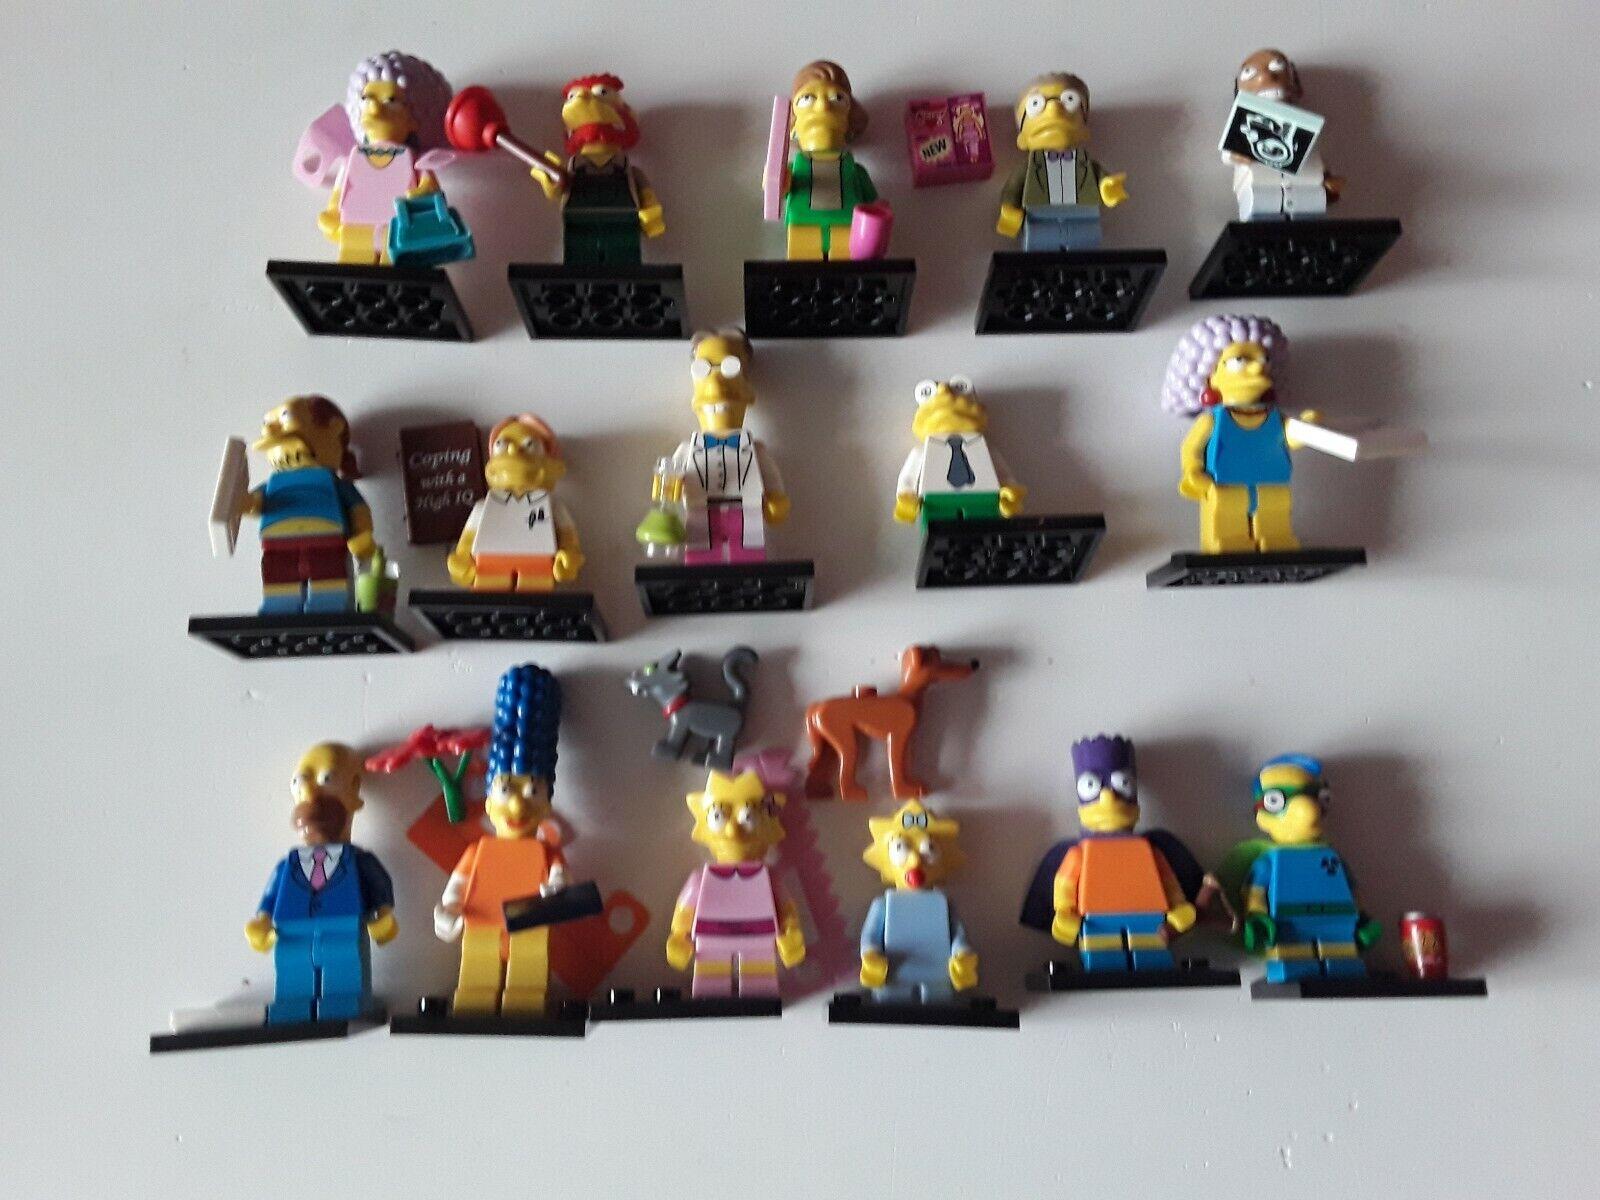 Lego mini figures simpsons series 2 full complete set